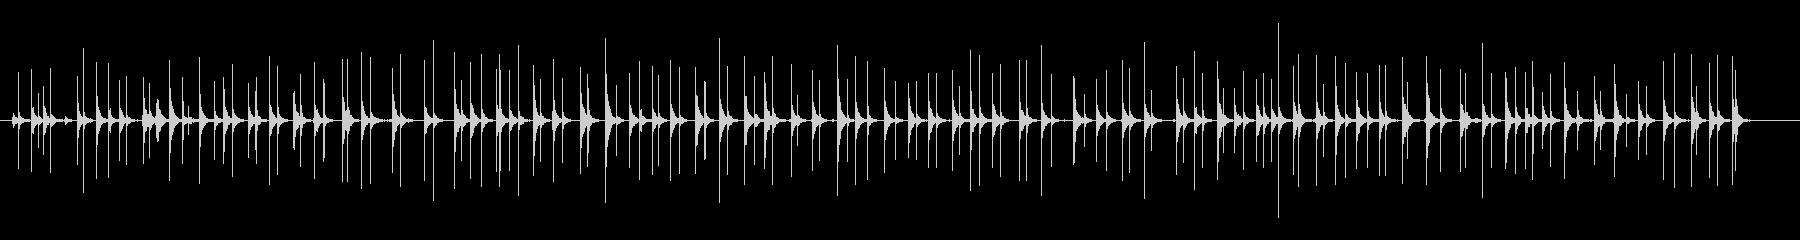 ピンポンボレー-ピンポンボール、卓...の未再生の波形